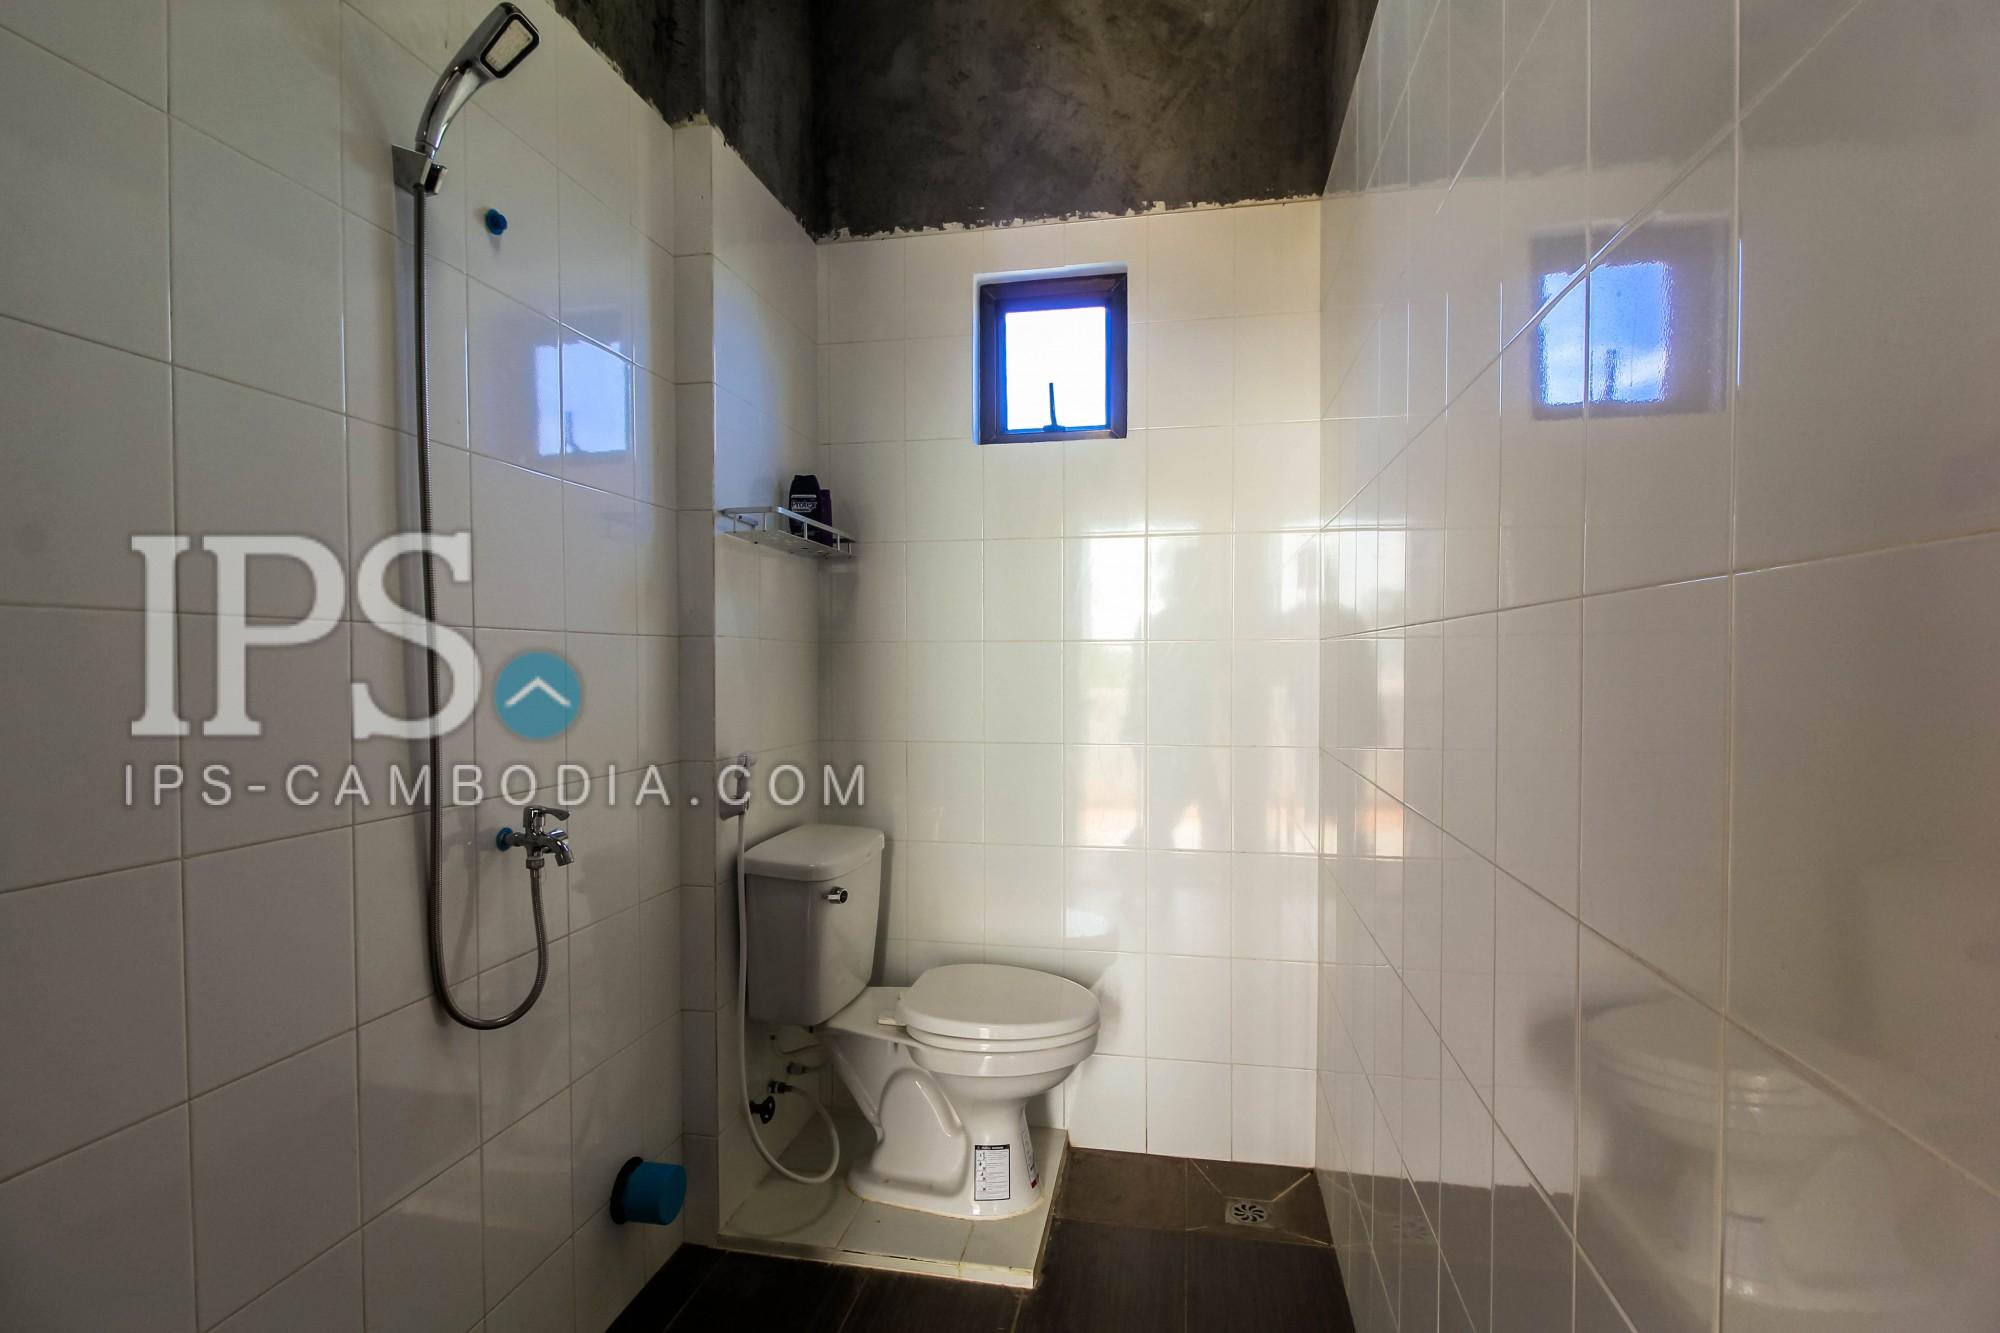 3 Bedroom House For Sale - Sang Kat Chreav, Siem Reap